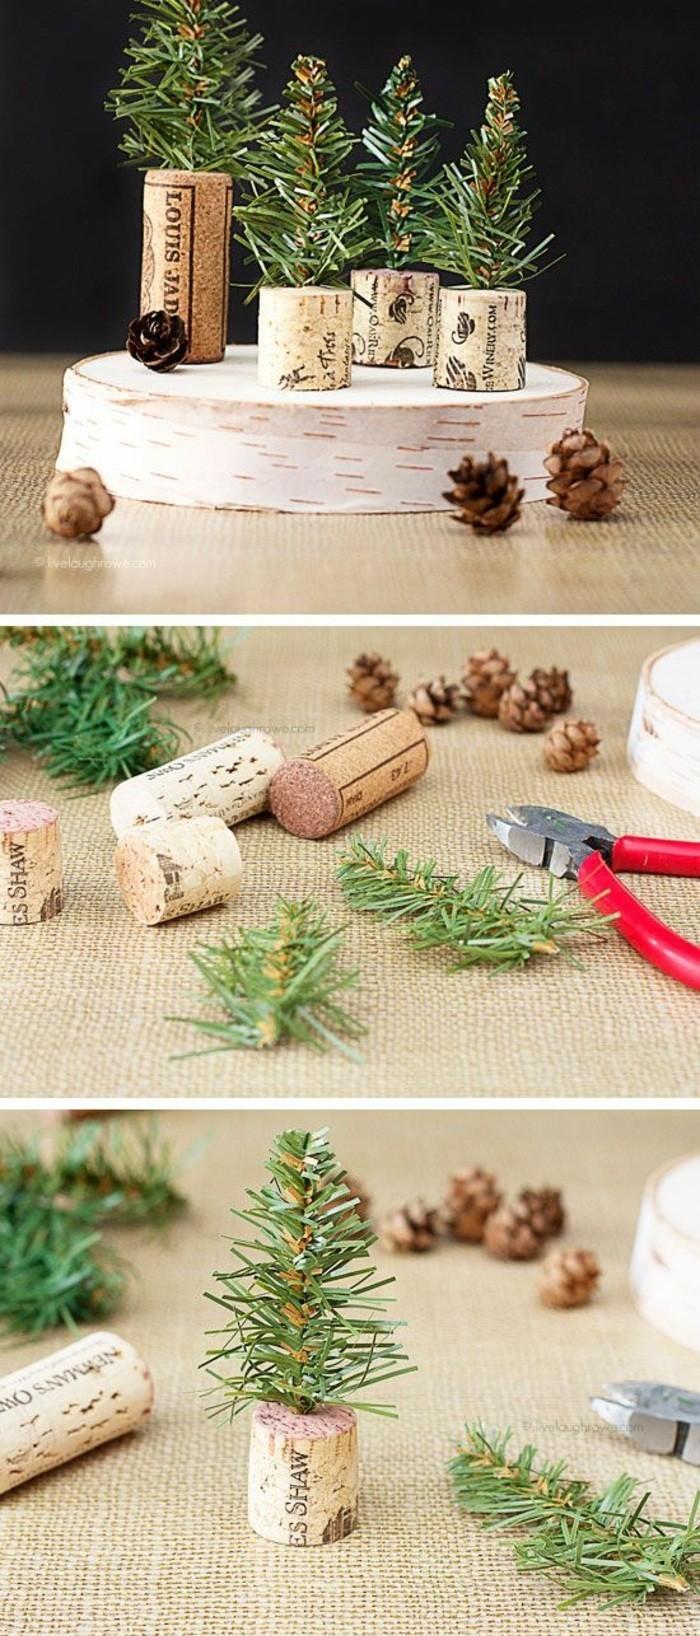 weihnachtendekoration-selber-machen-weihnachtsdeko-selber-machen-kleine-wehnachtsbaume